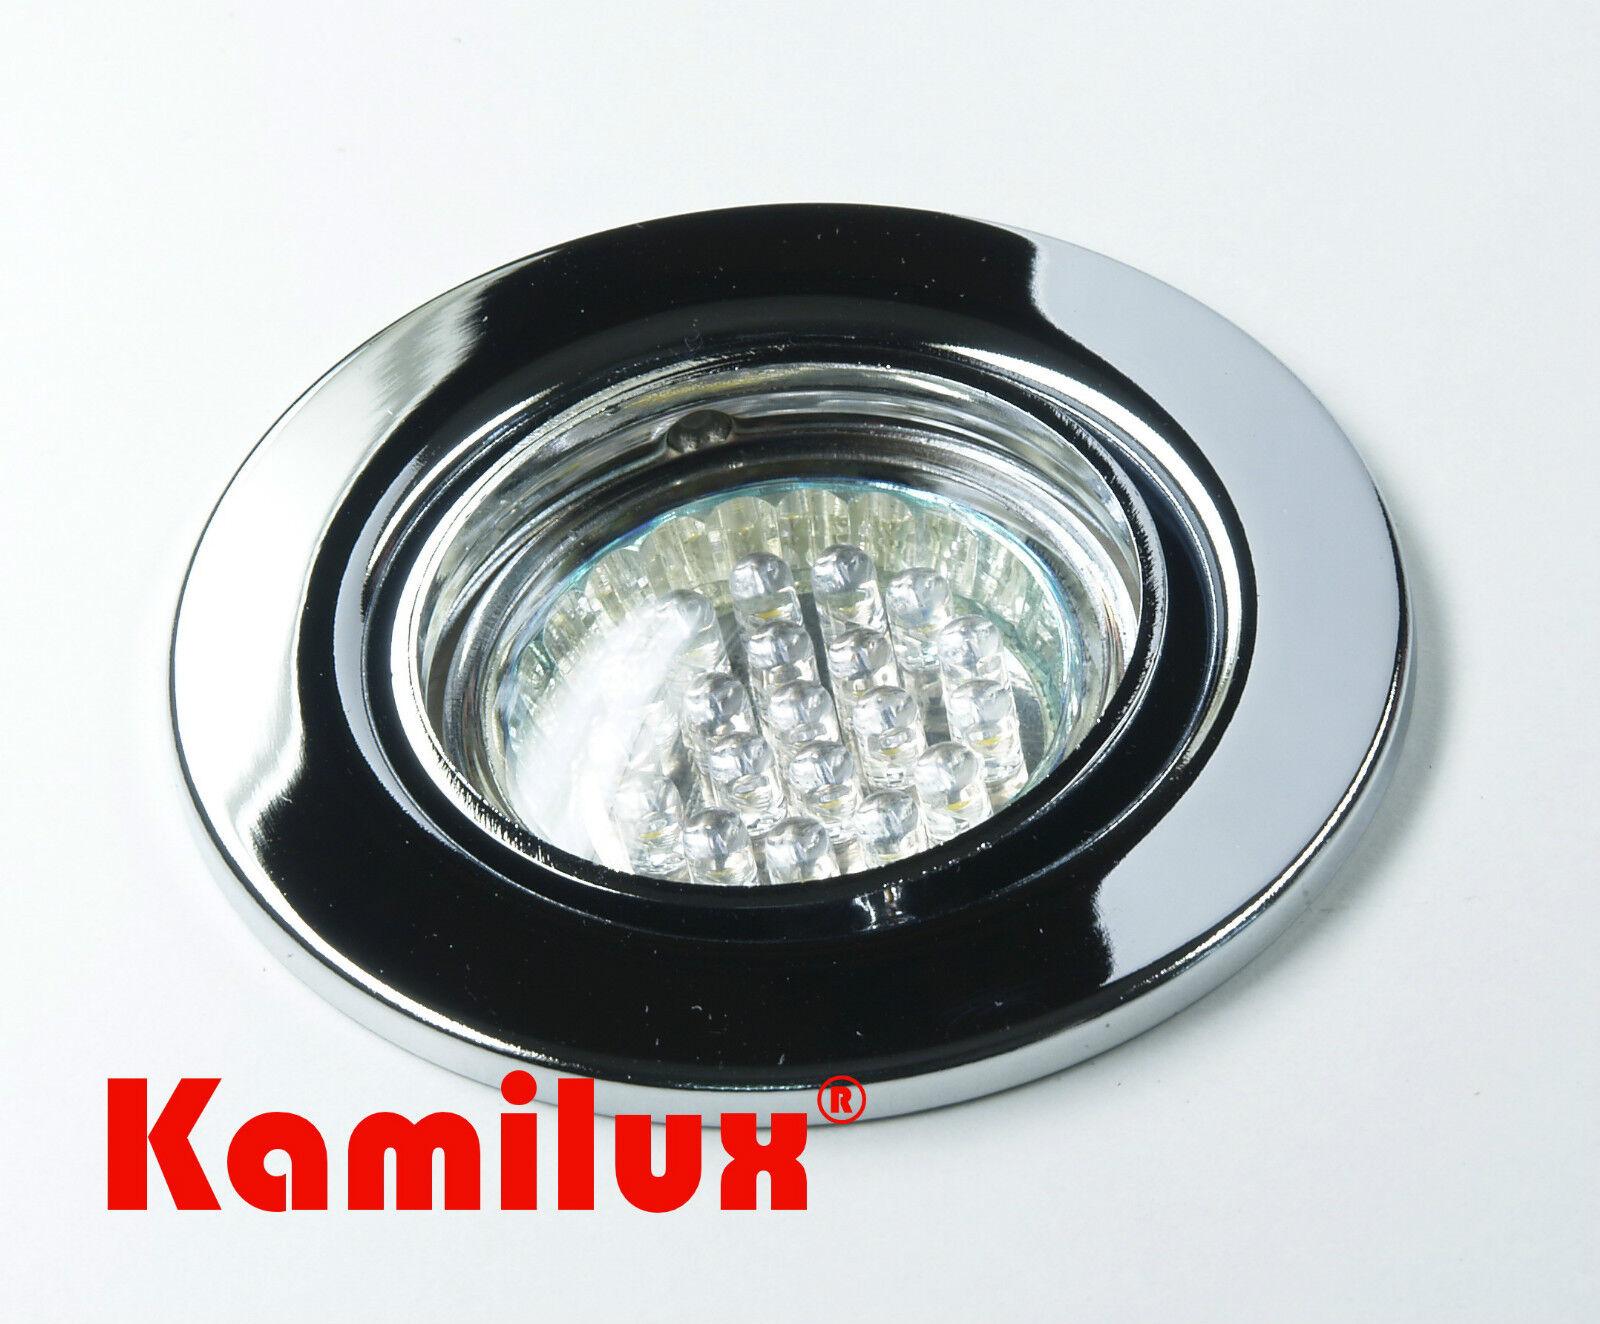 230V Einbaustrahler Einbaustrahler Einbaustrahler Tom 230V  GU10 Fassung Einbauleuchte Downlights Spot | Sonderkauf  |  7d9386